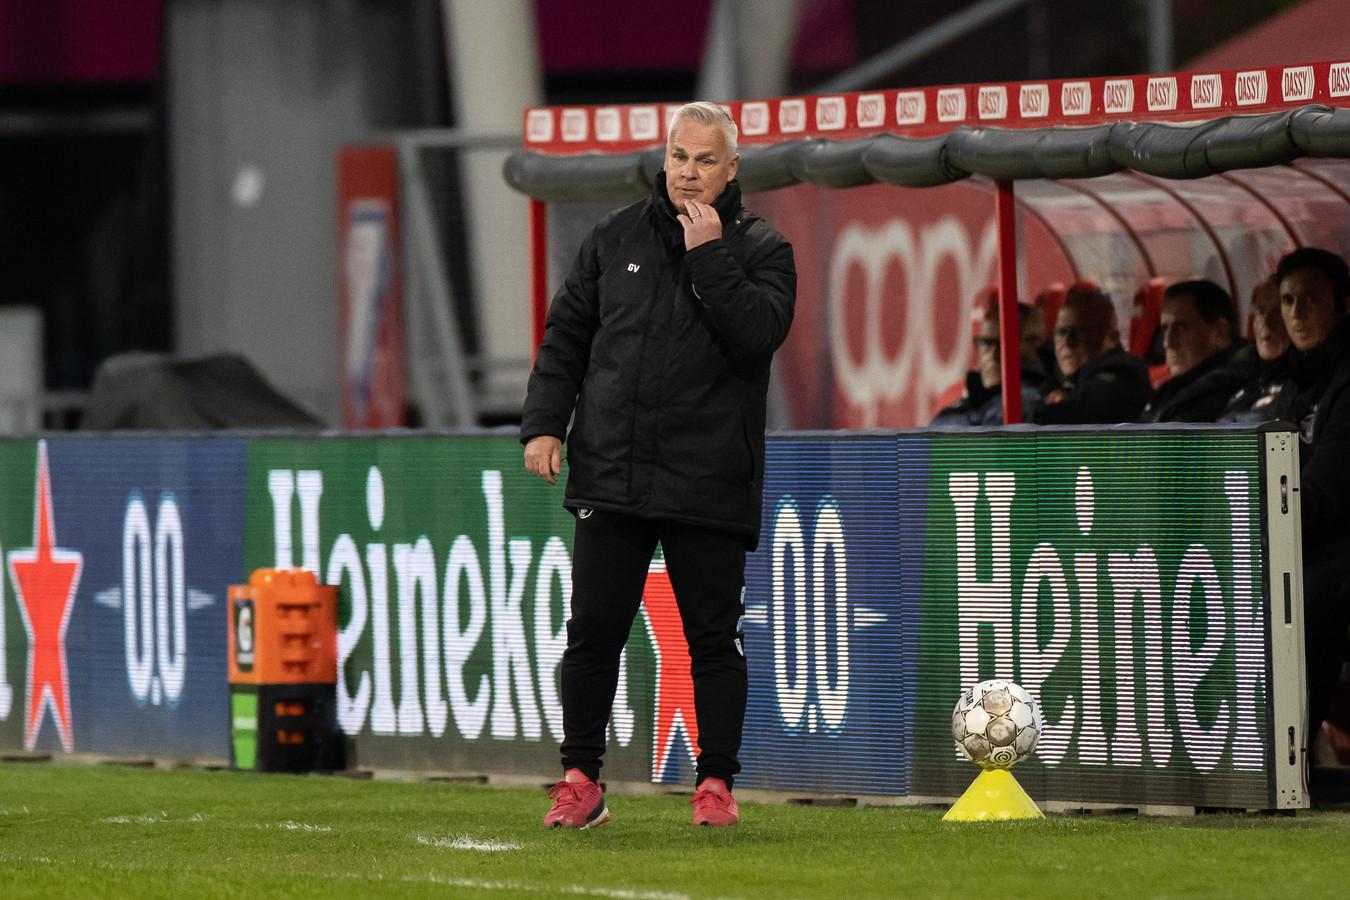 Gery Vink tijdens FC Utrecht - Willem II, waarin hij de zieke Zeljko Petrovic verving als hoofdcoach van de Tilburgers.